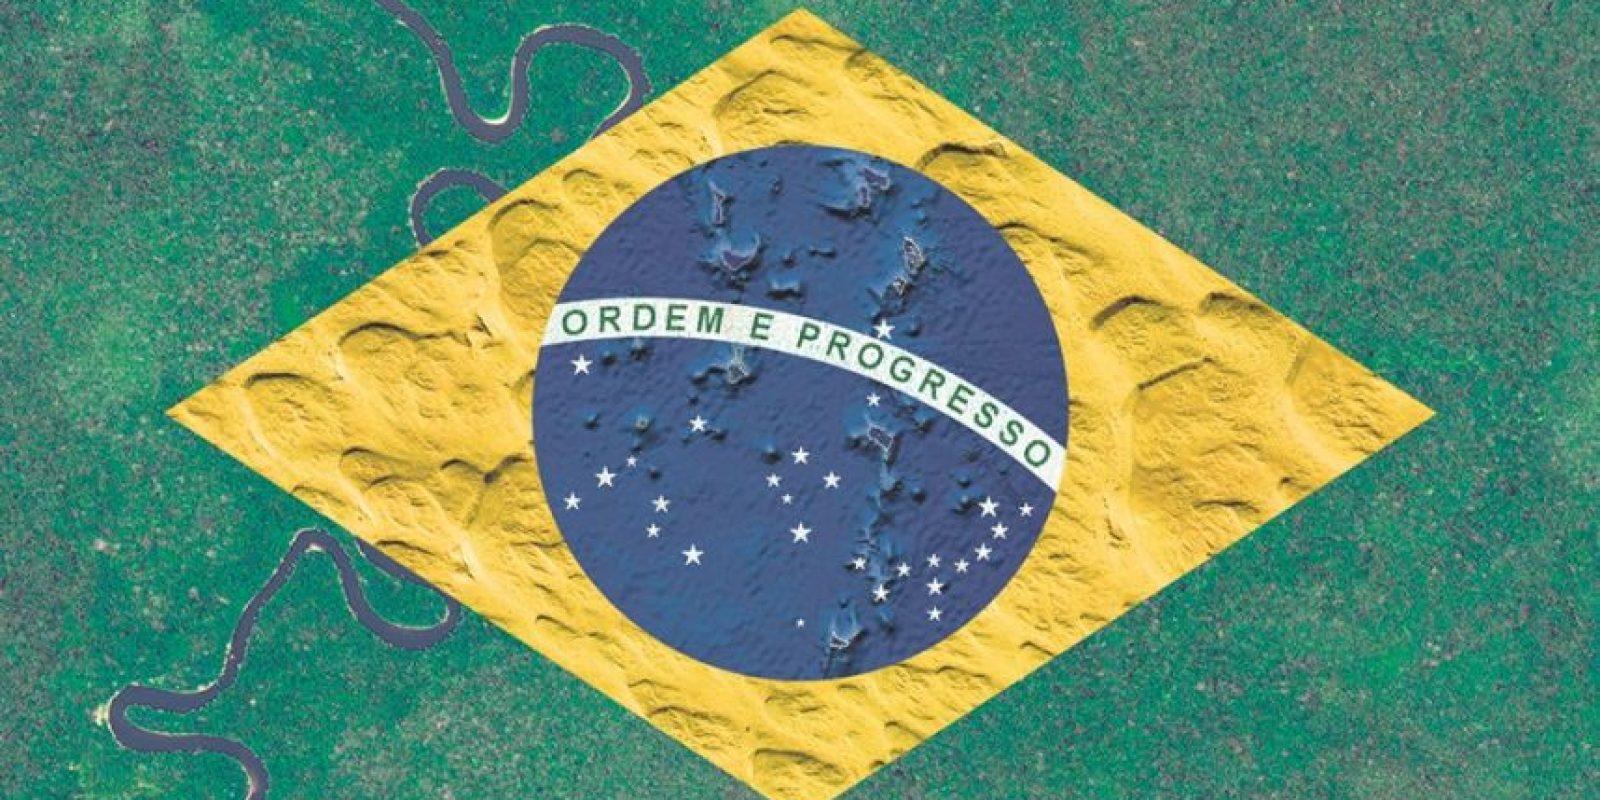 Bandera de Brasil – Fotografía satelital: Indonesia, Arabia Saudita y la Groenlandia oceánica